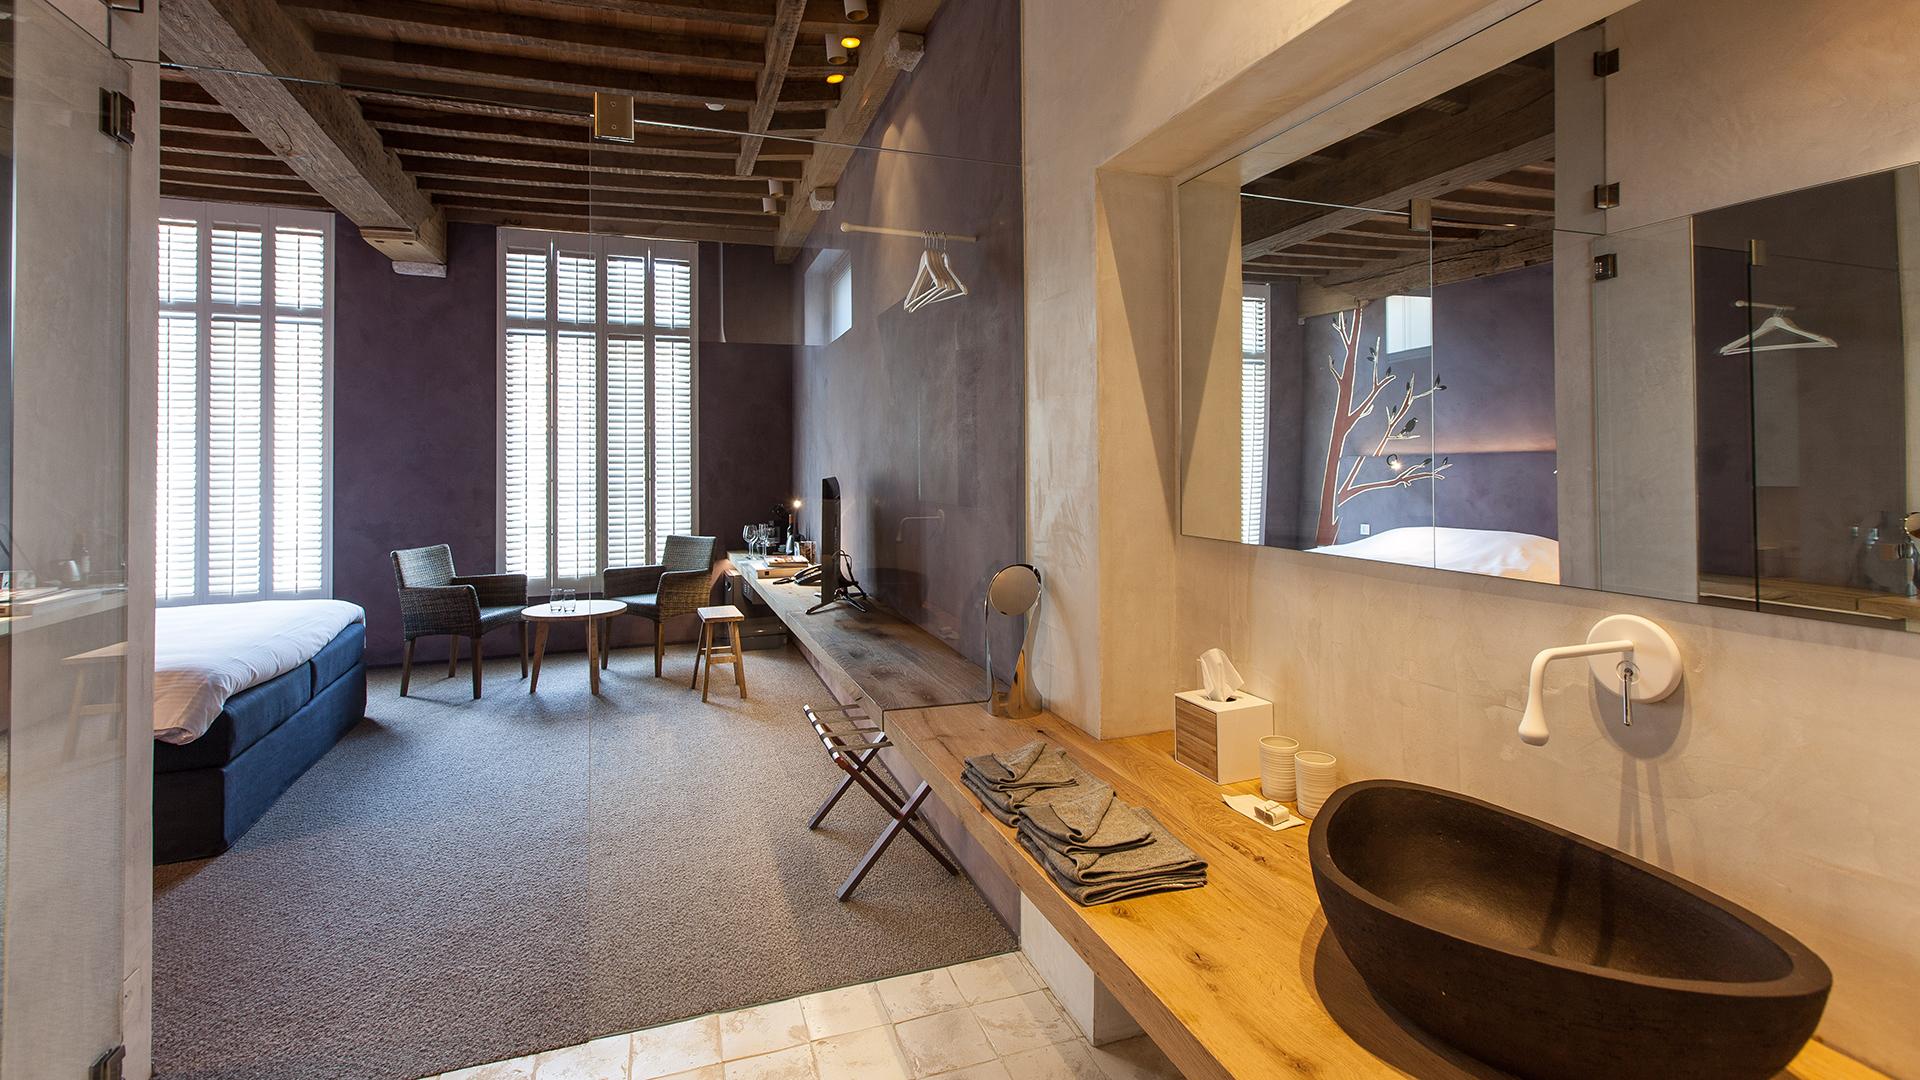 La Suite, Brugge